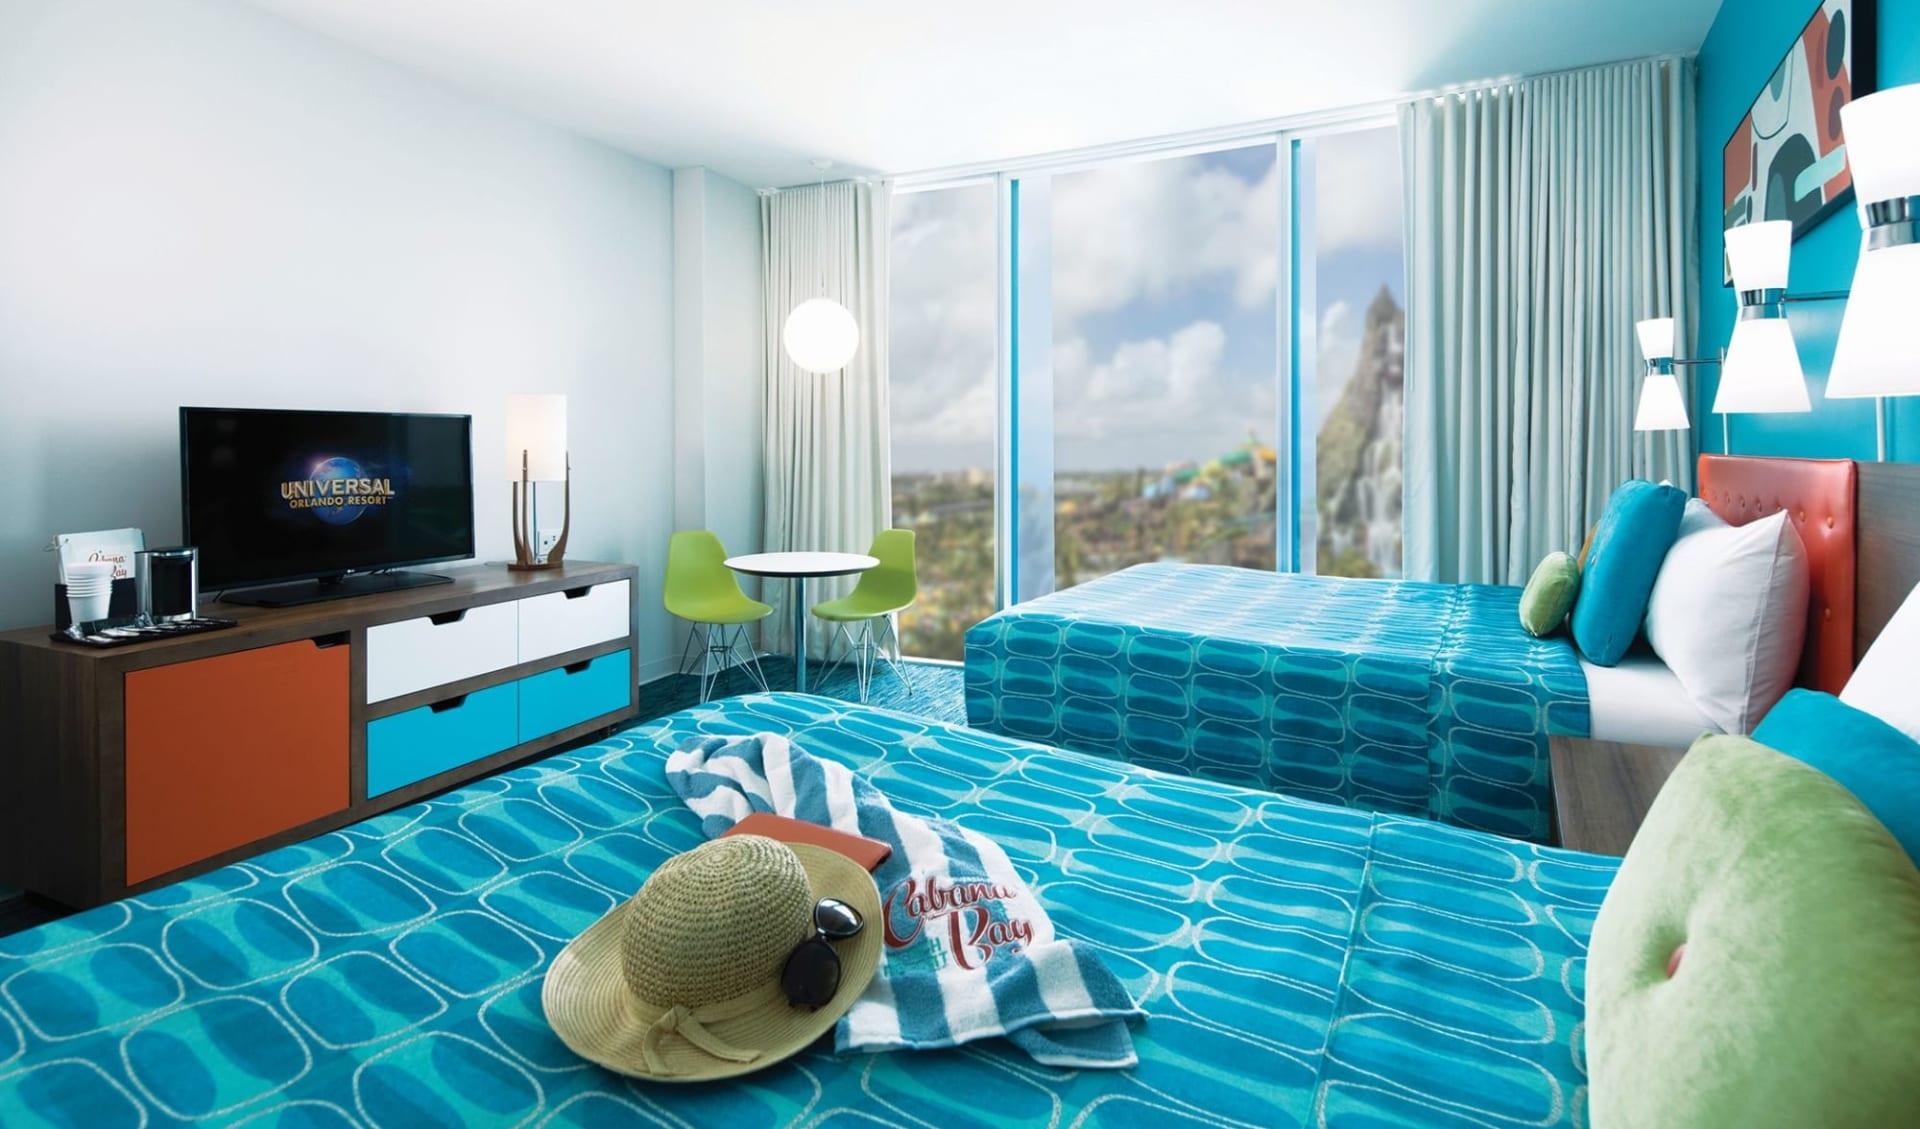 Universal's Cabana Bay Beach Resort in Orlando:  Cabana Bay Beach Resort - Standard